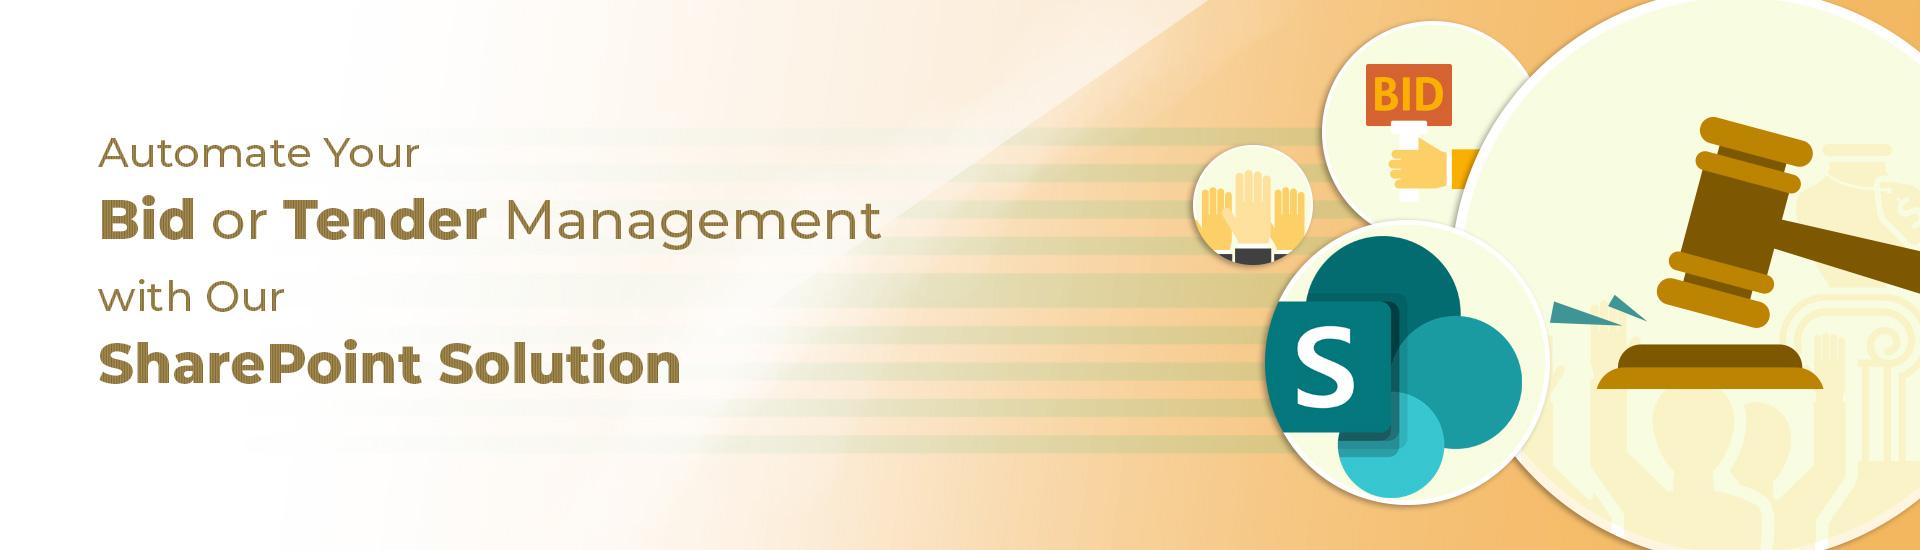 tender management or bid management solution